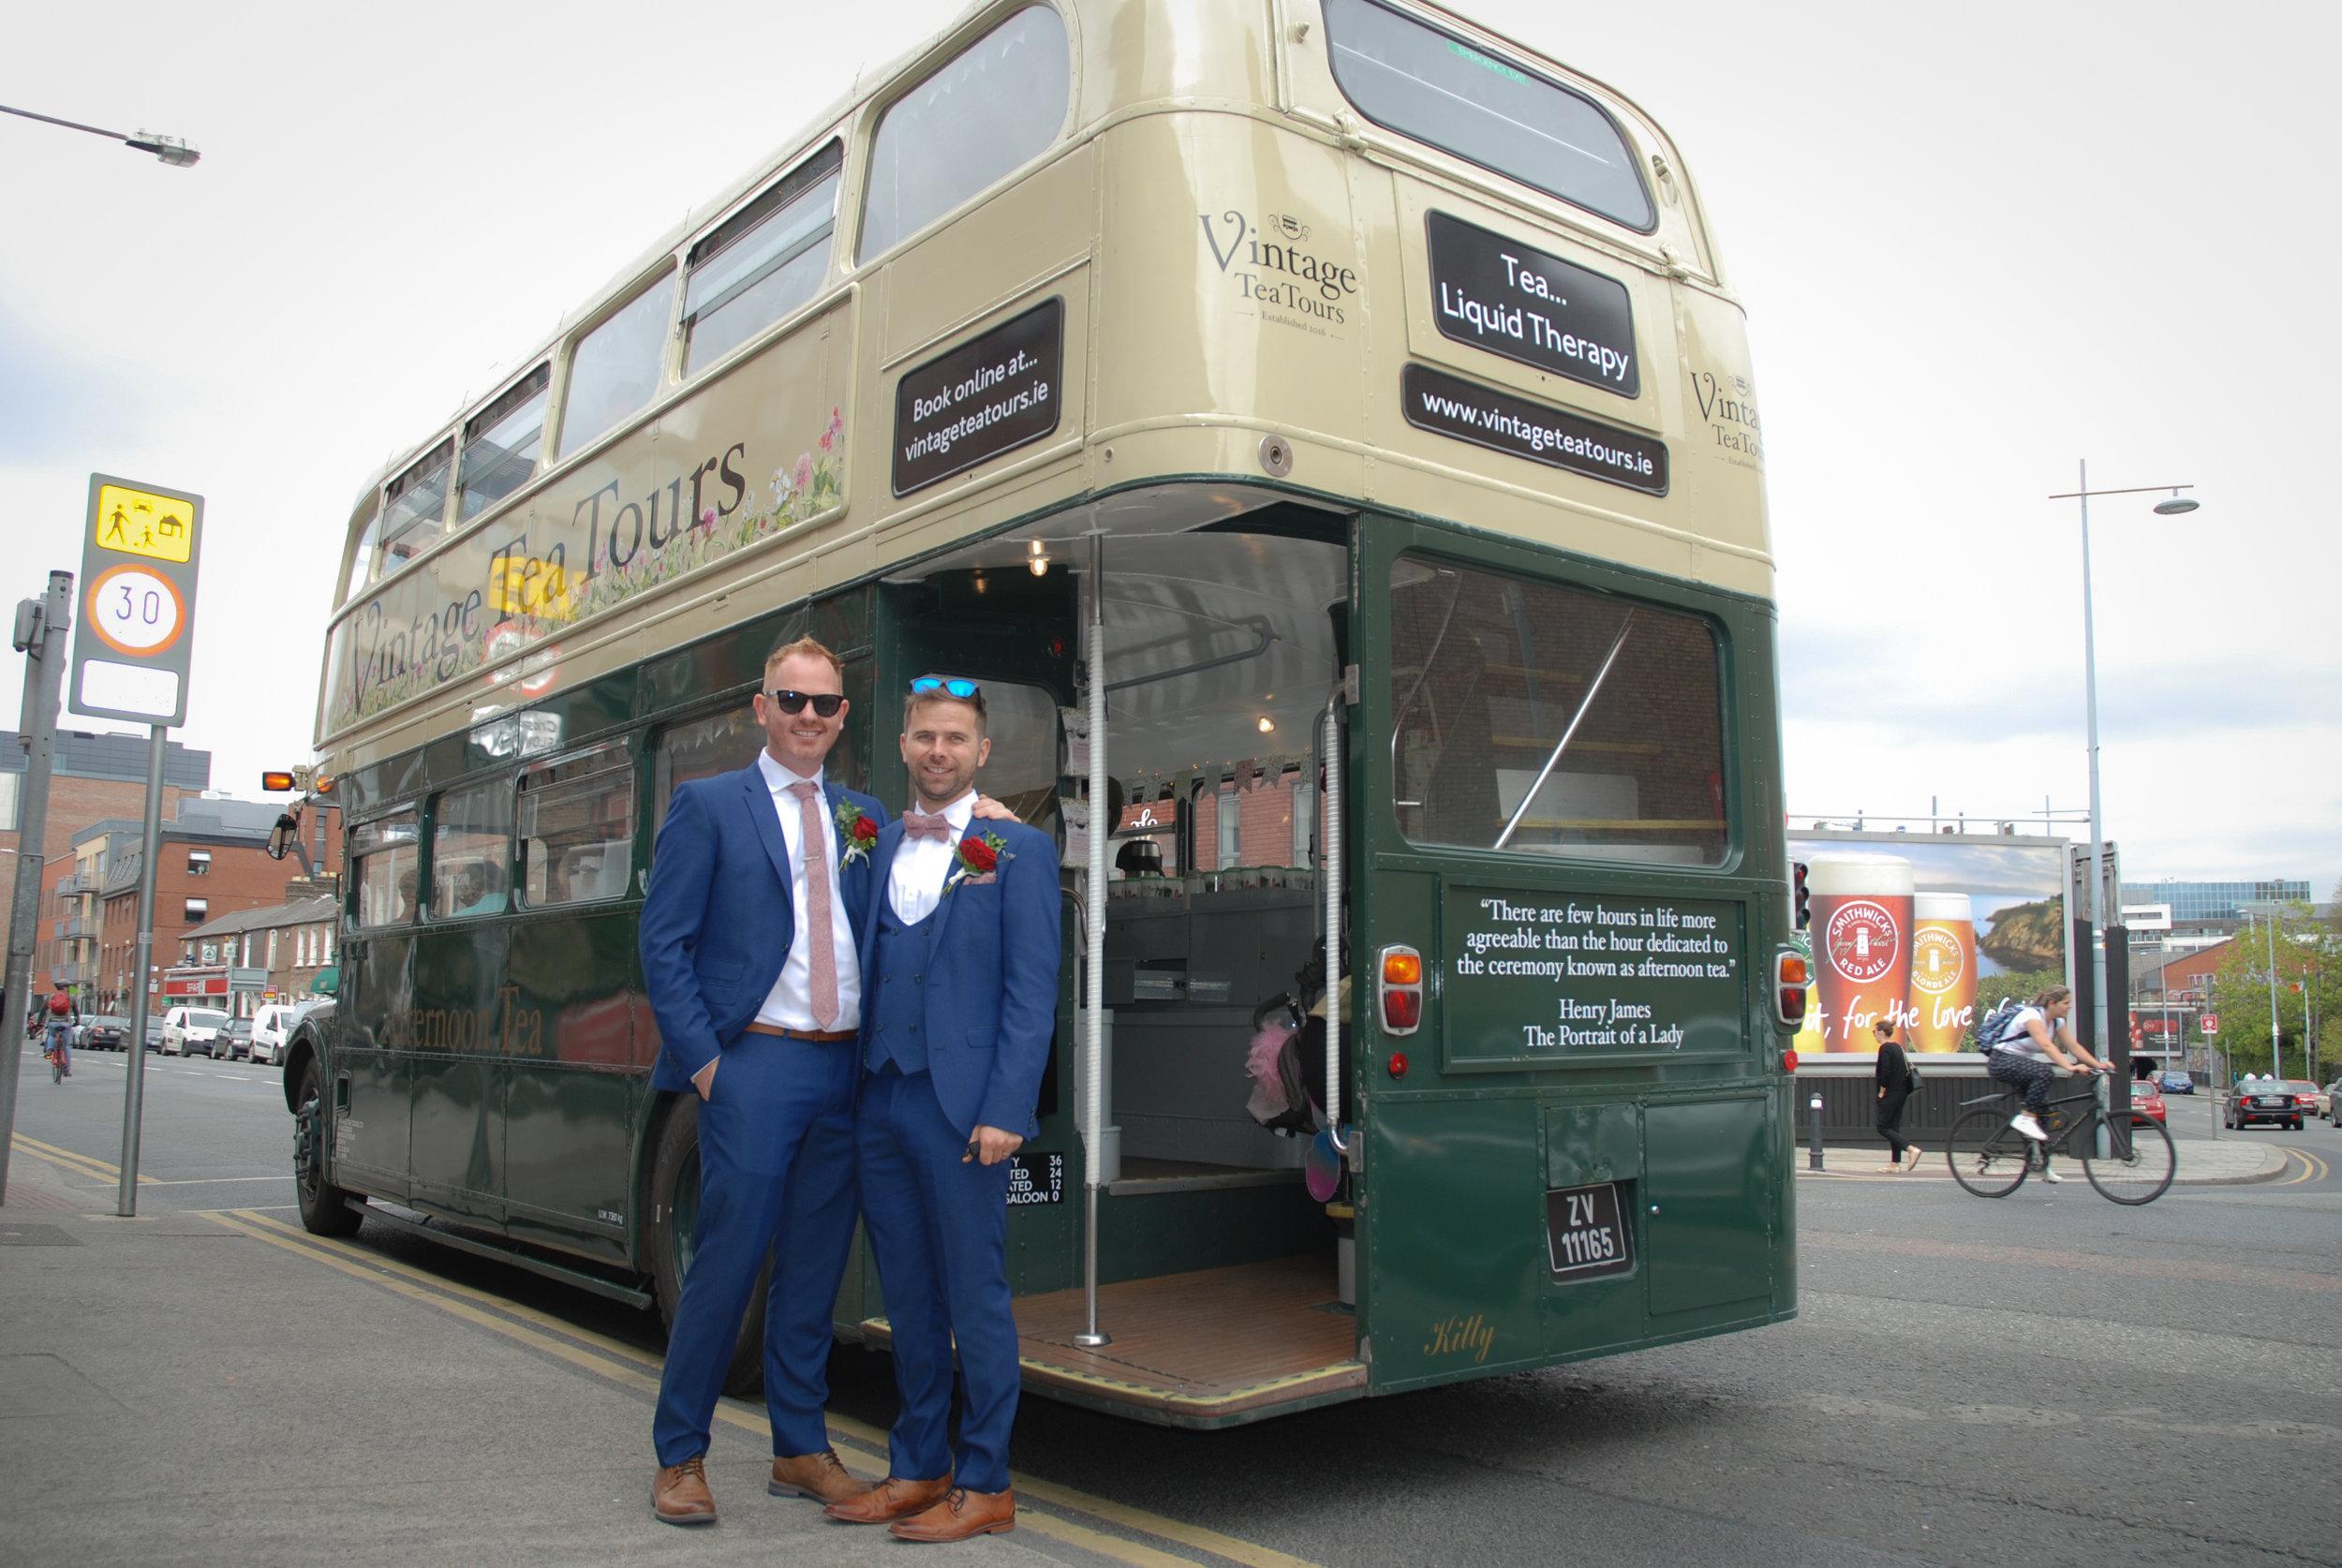 wedding-vintage-tea-tours